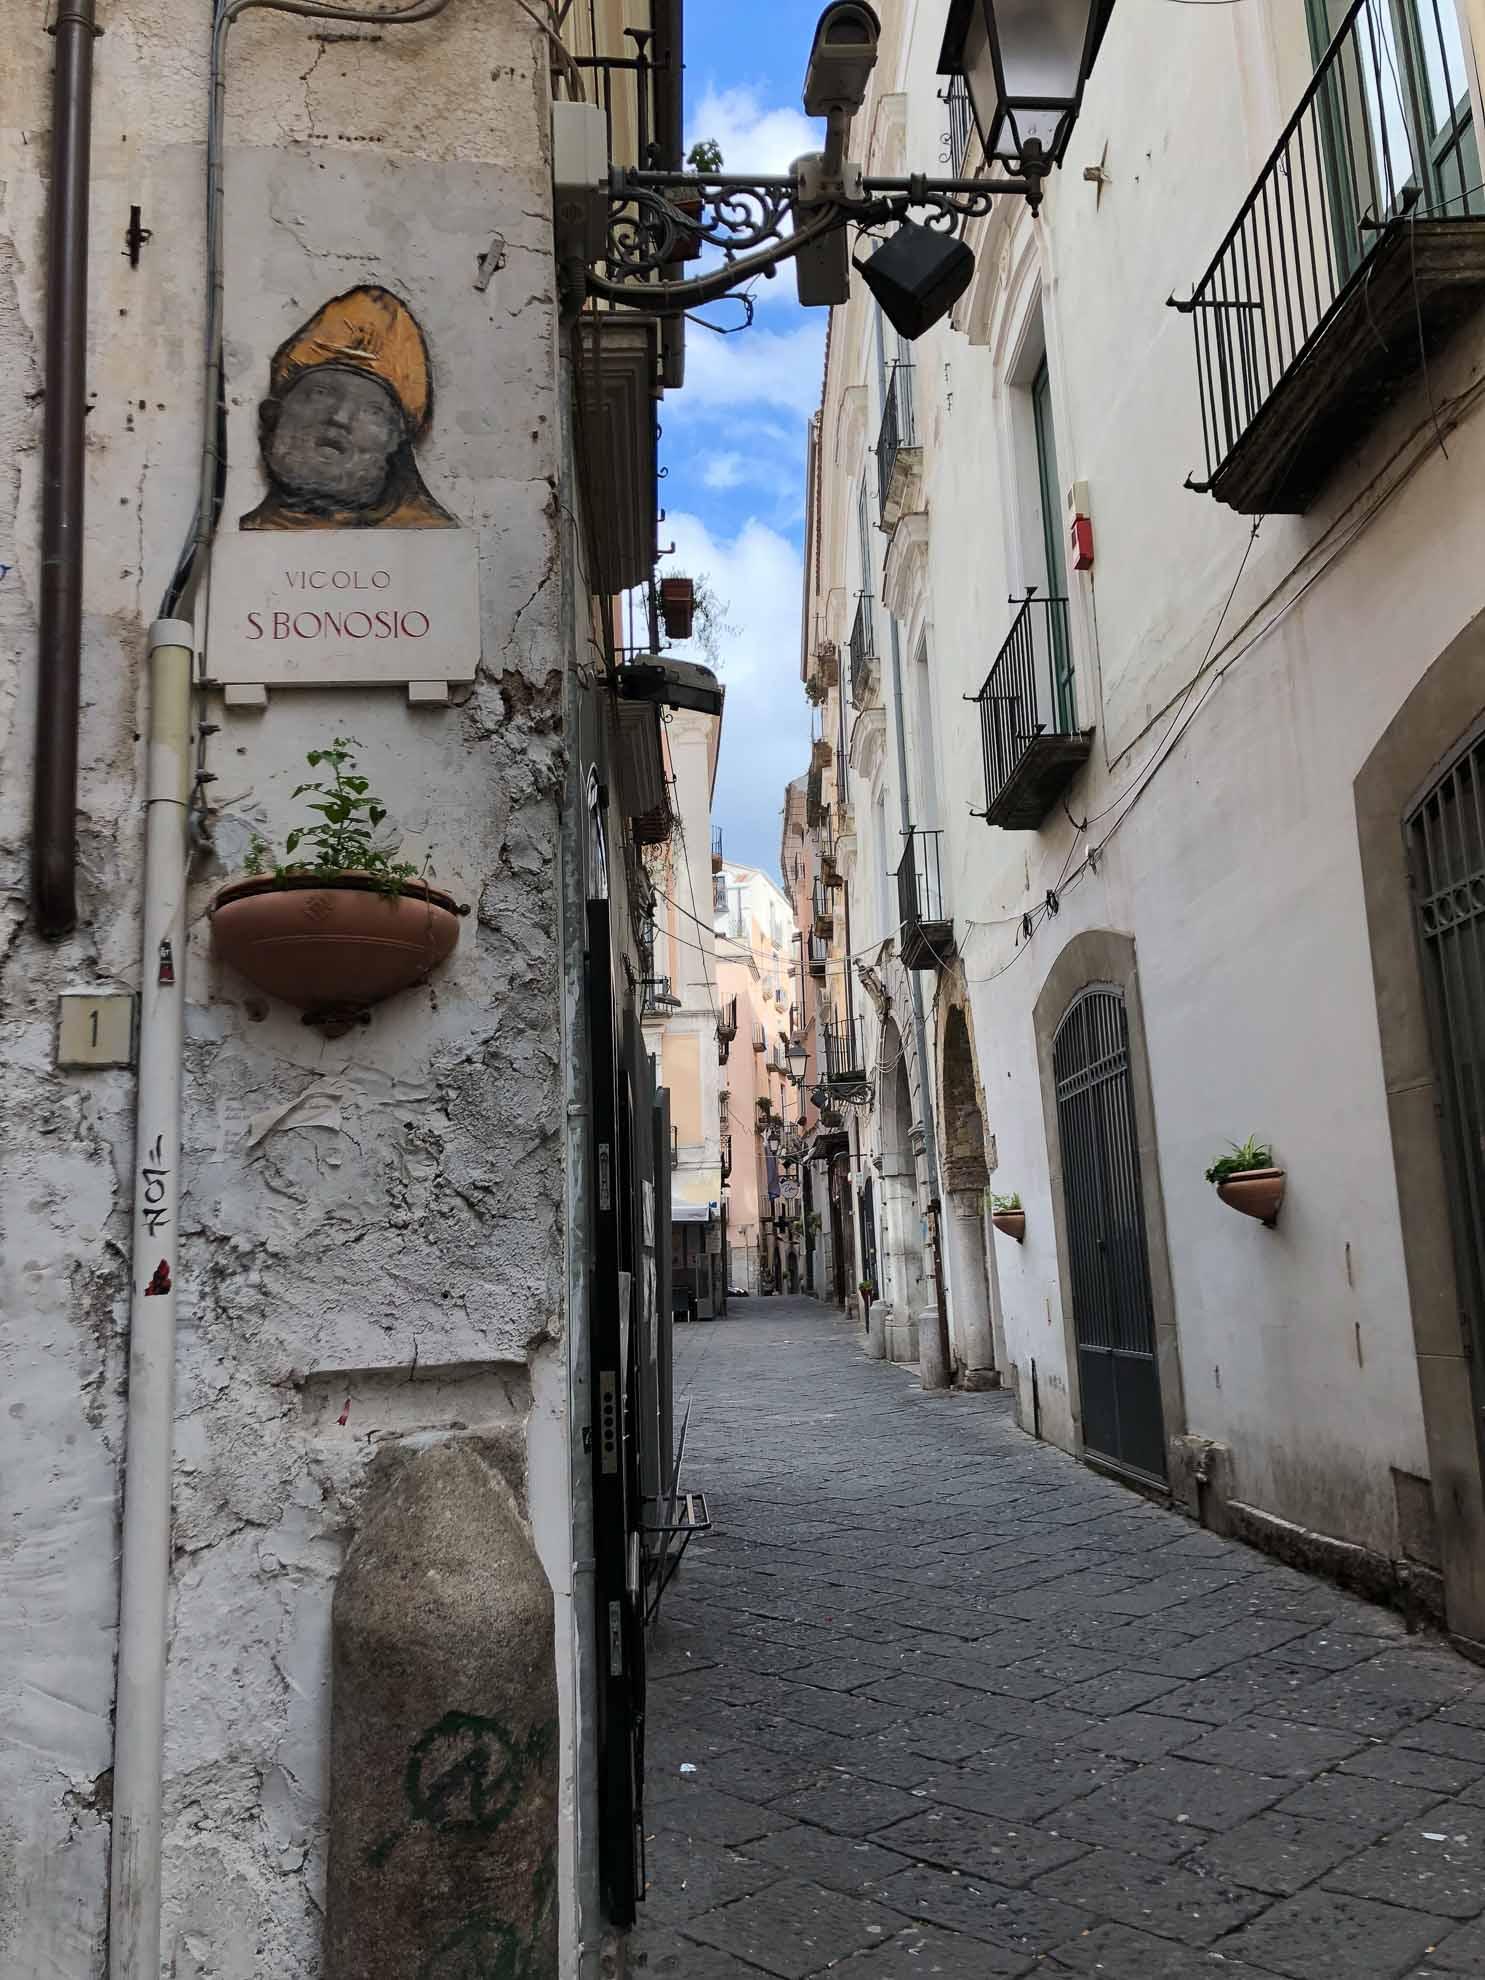 Salerno ist eine hübsche Hafenstadt unweit der Amalfiküste, die unser nächstes Ziel sein wird.